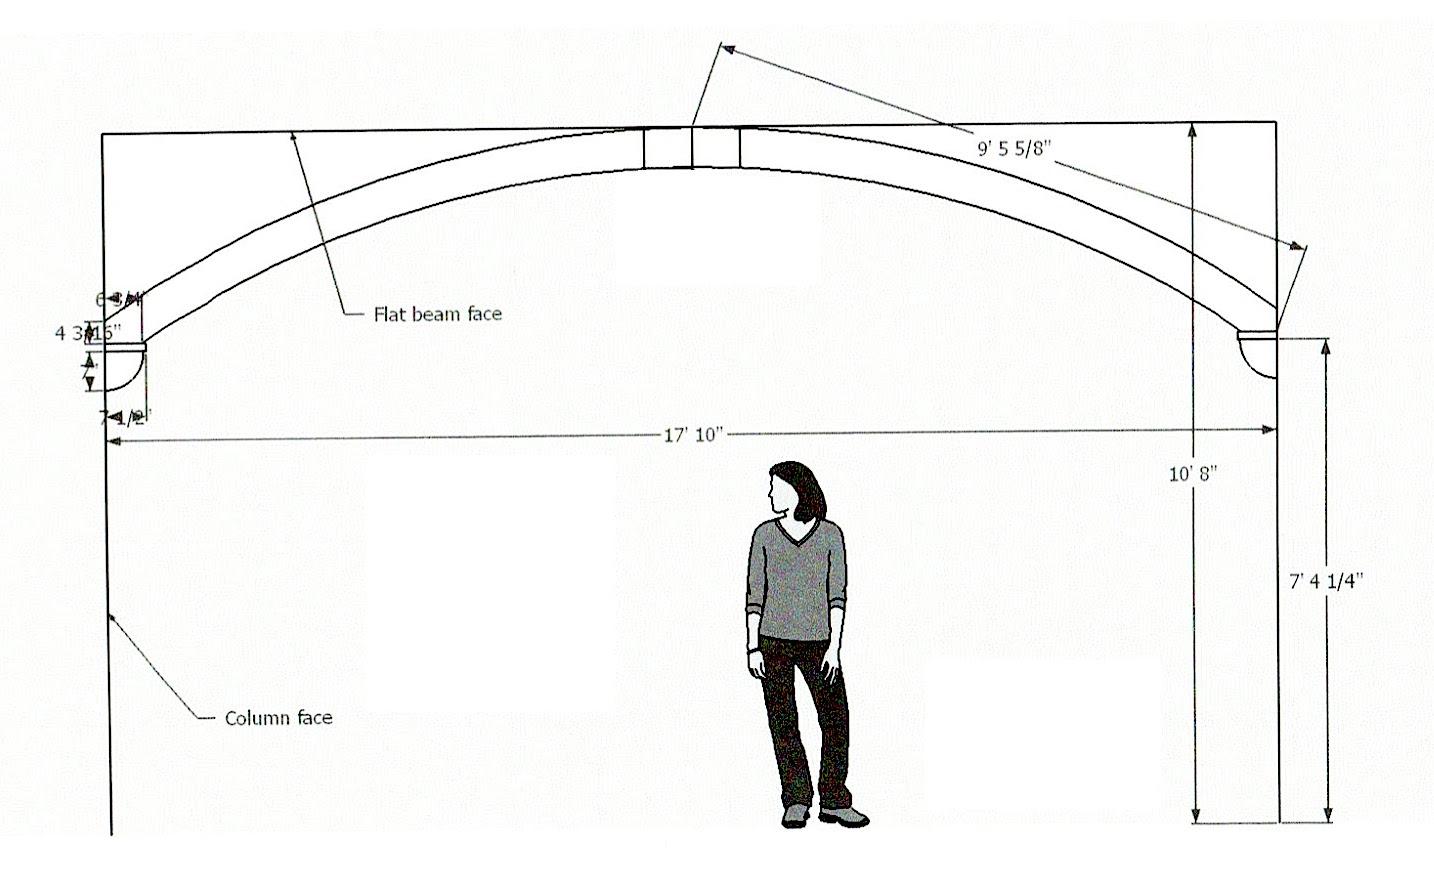 diagram 7-1